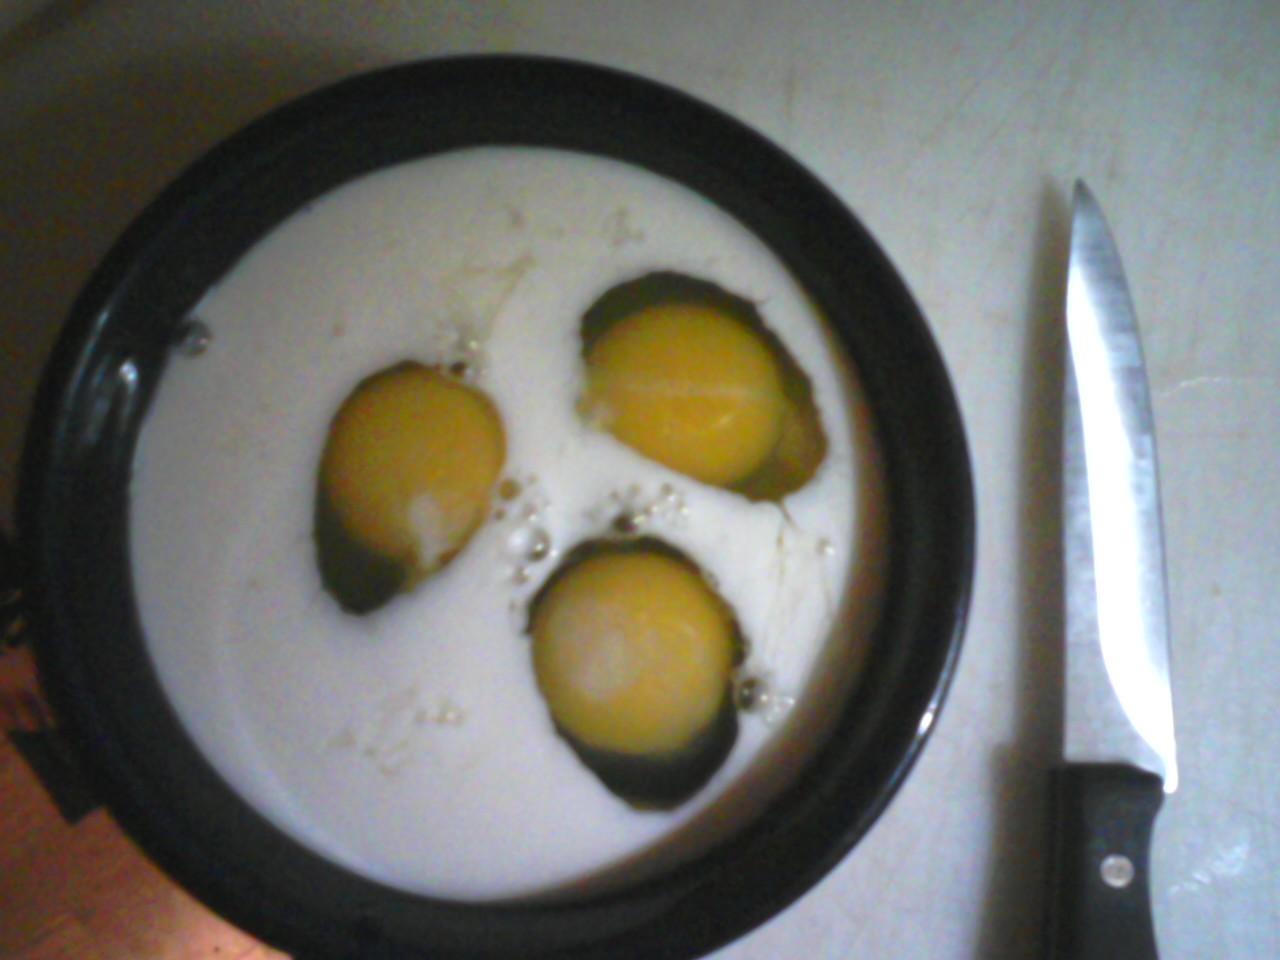 http://4.bp.blogspot.com/_ZDxIdEWPzUU/TS4bdcaOA0I/AAAAAAAAAR4/gSBKiNgP3_c/s1600/eggsmilk.jpg